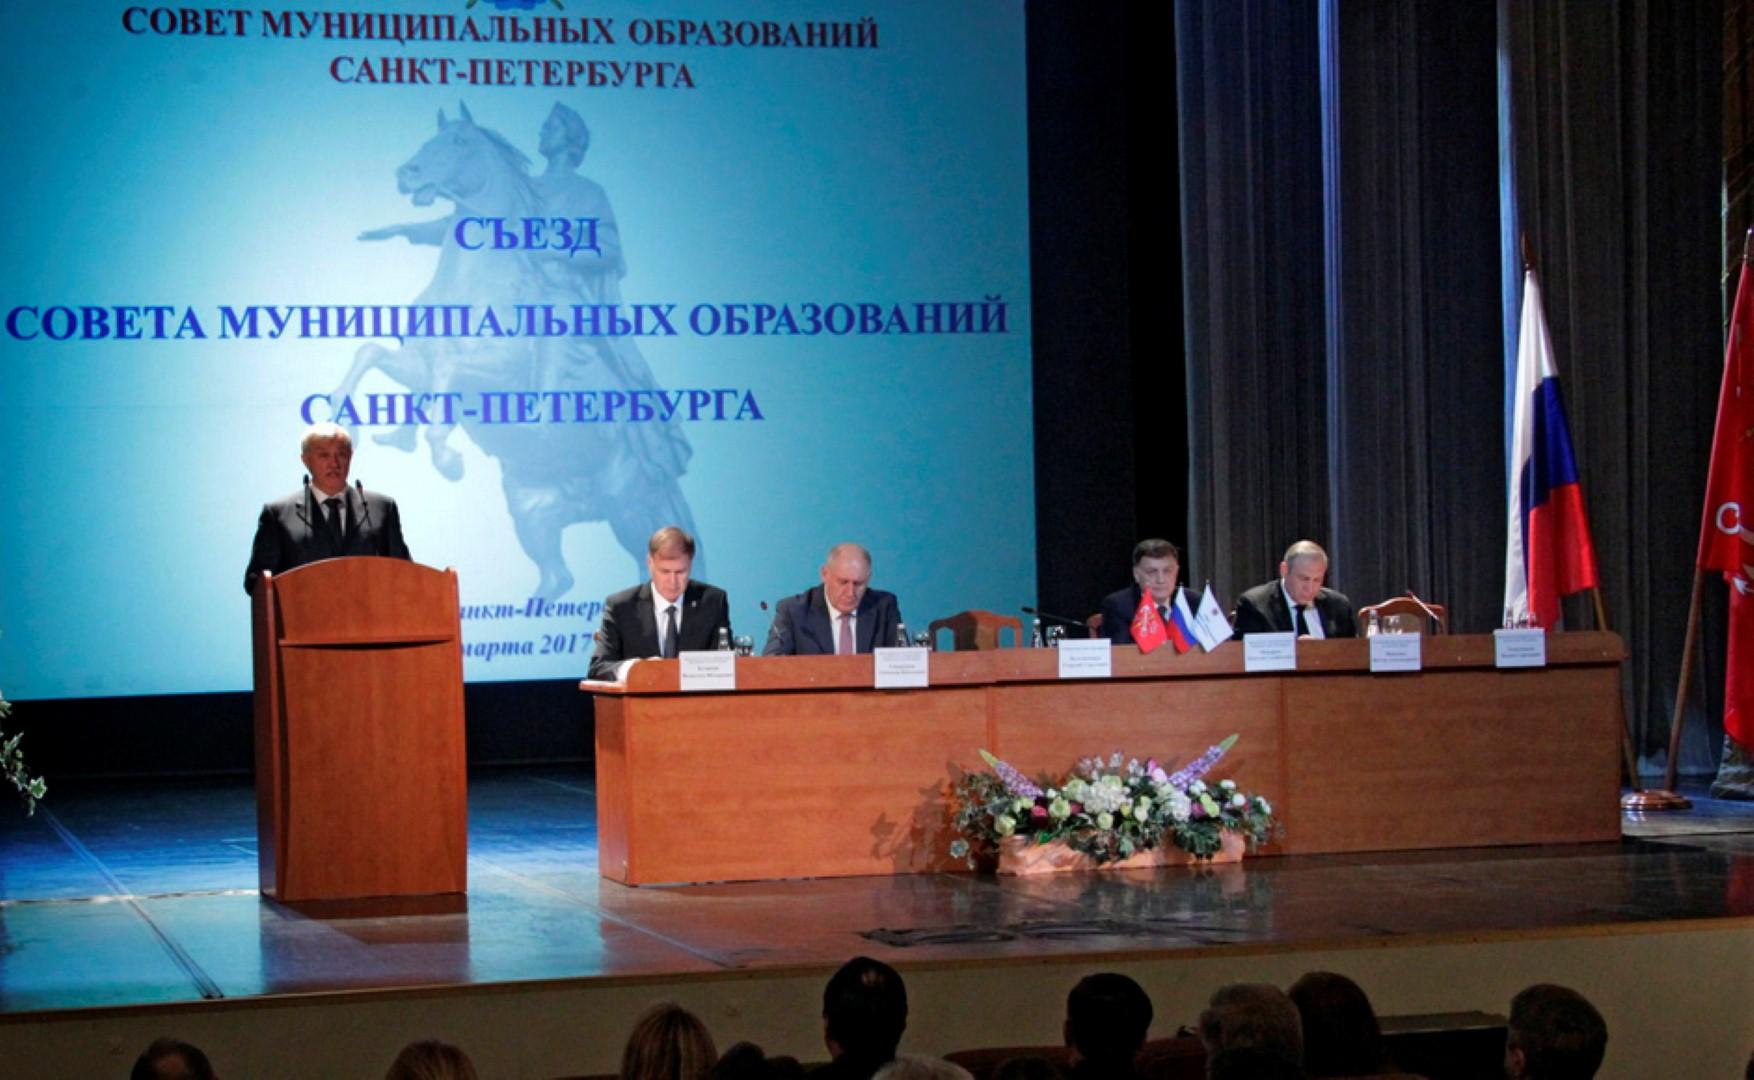 Фото с сайта администрации СПб.